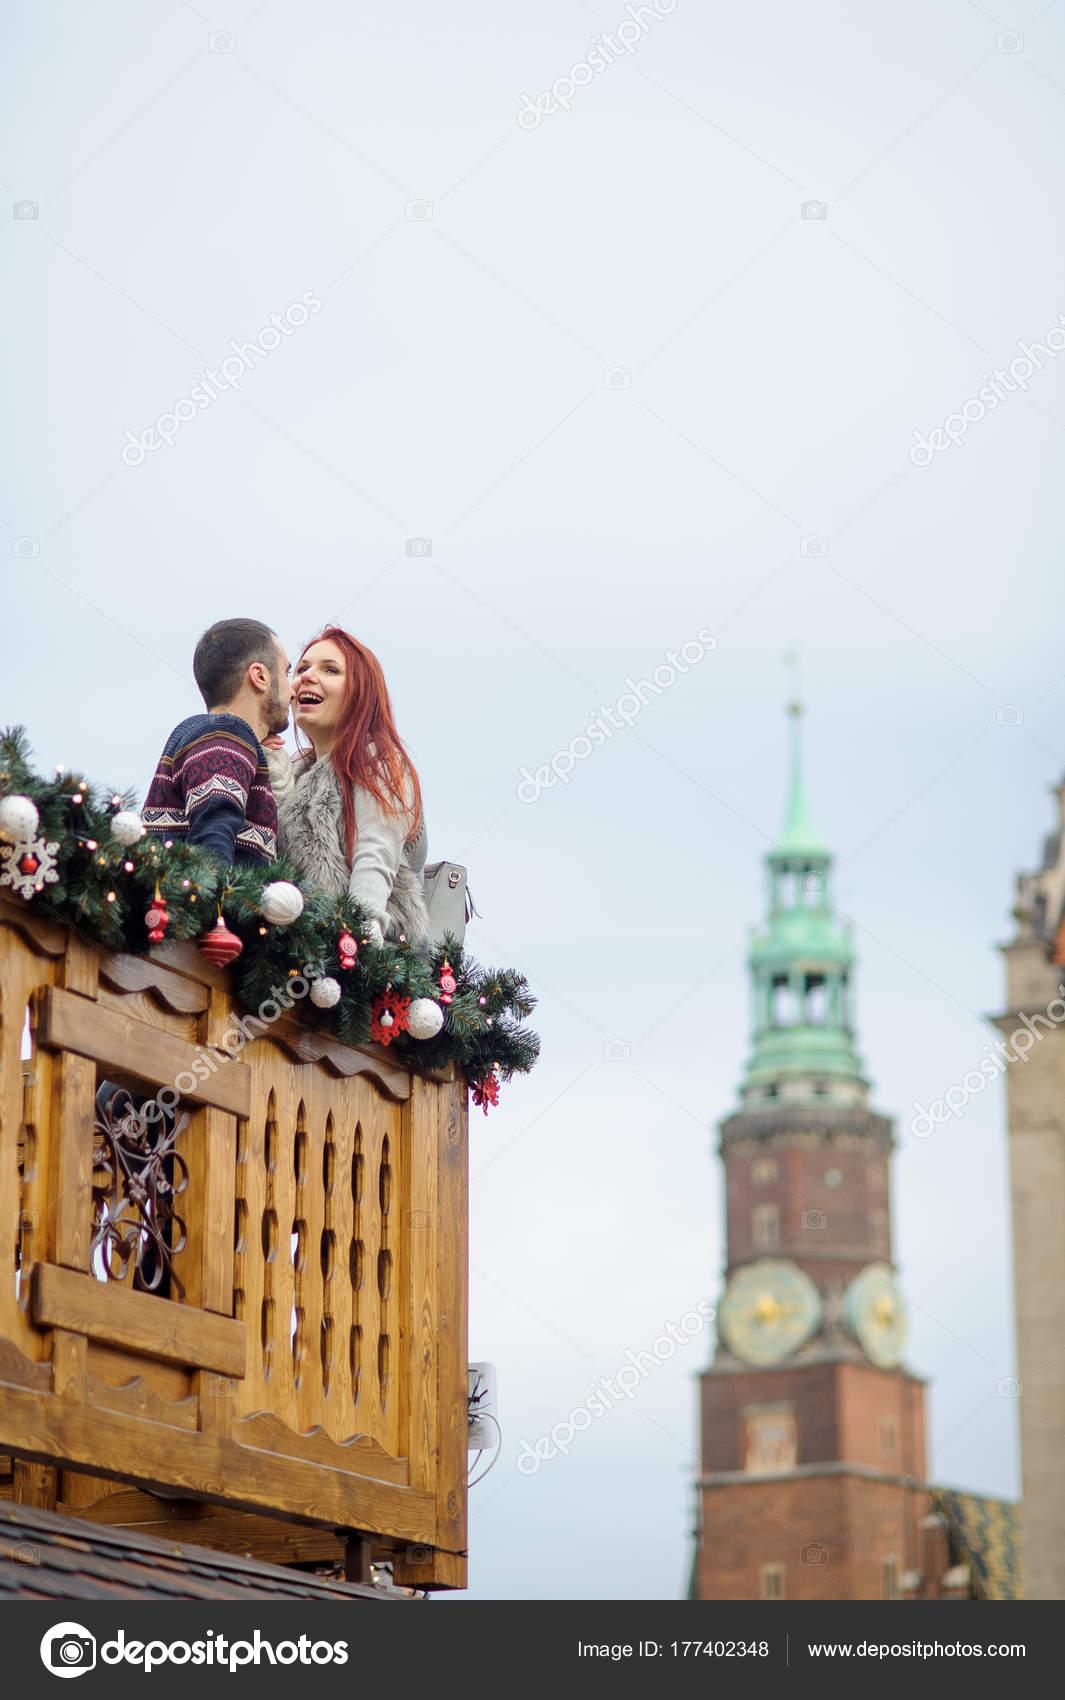 Vispera De Navidad Joven Pareja En El Balcon De Madera Decorado Por